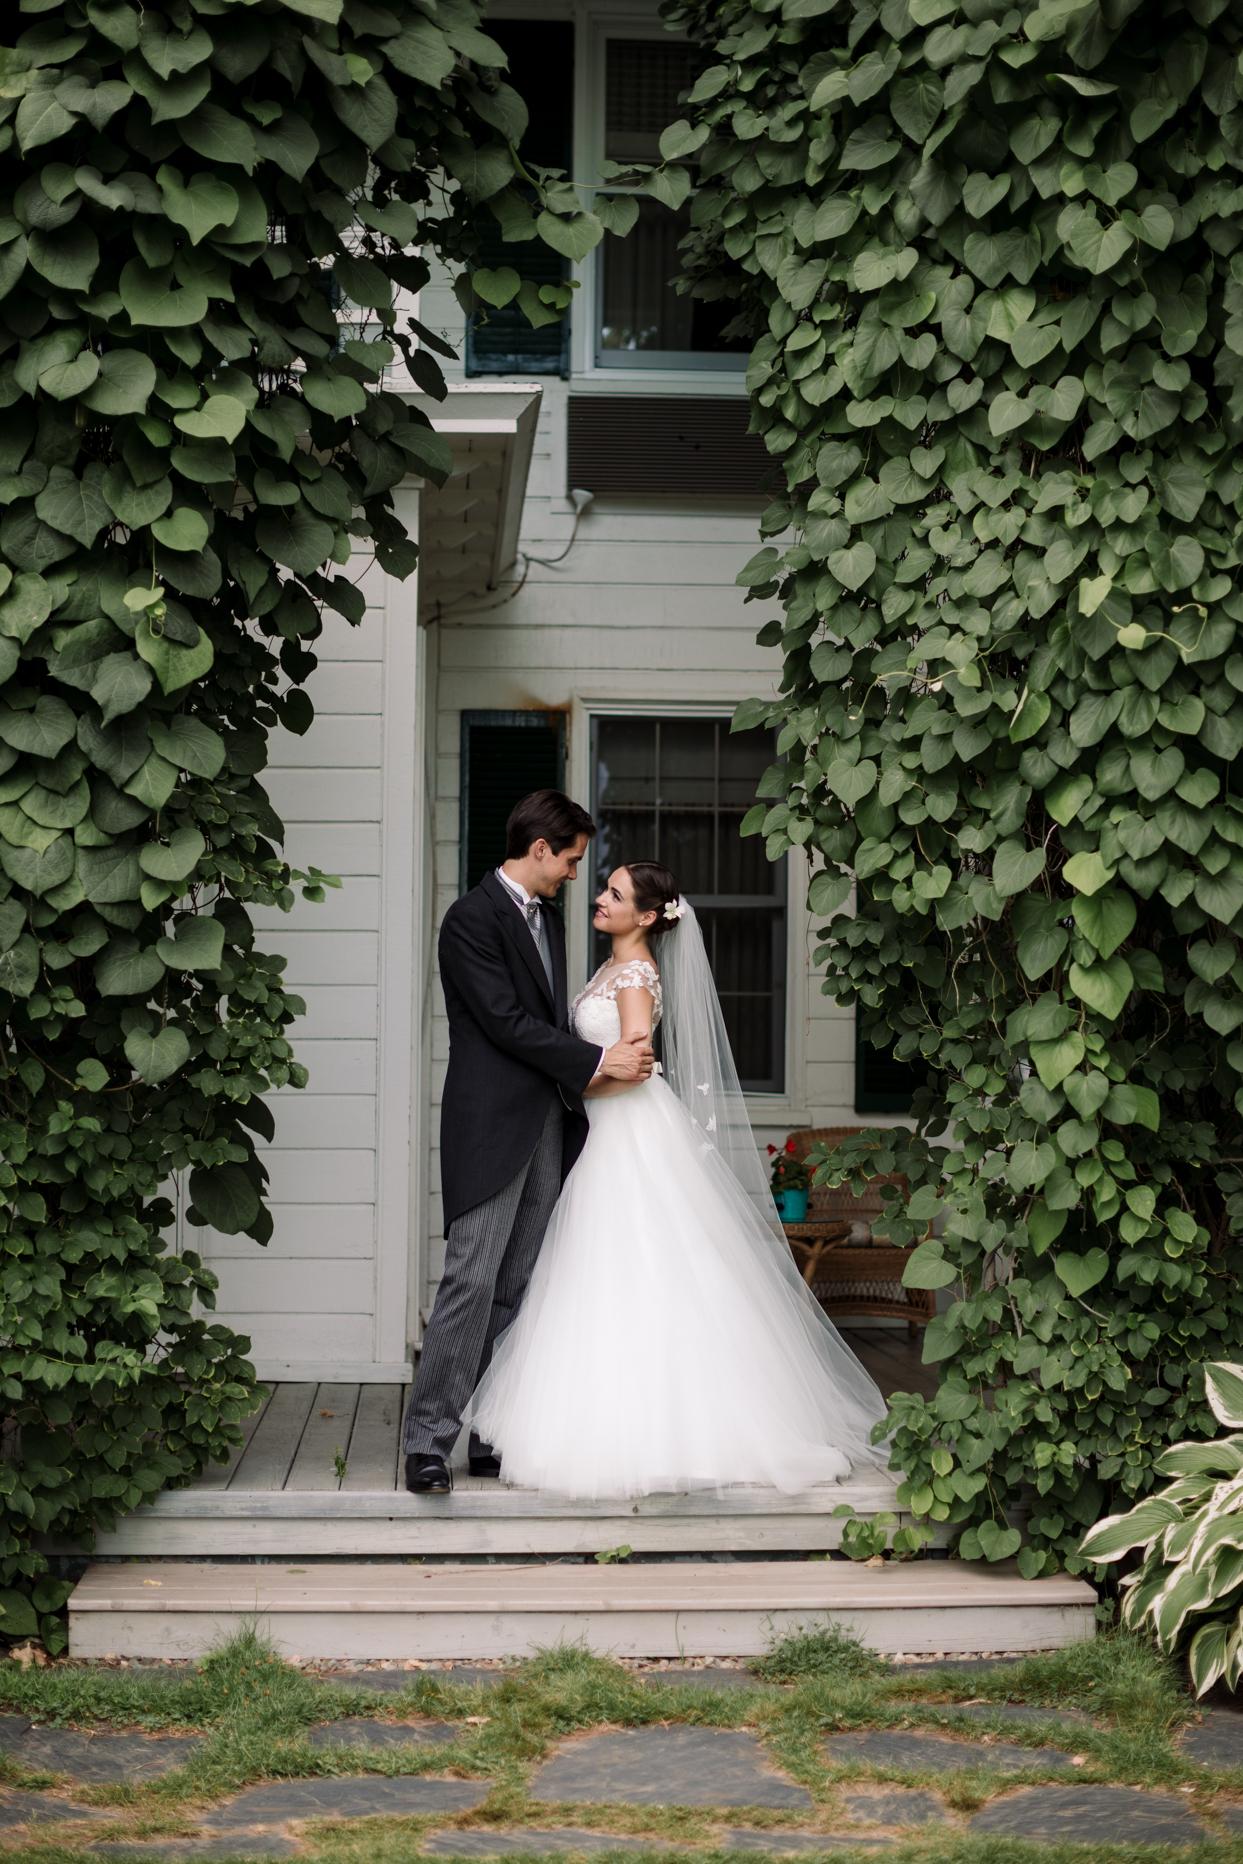 portfolio_mariage_Alexis_Lavoie-16.jpg